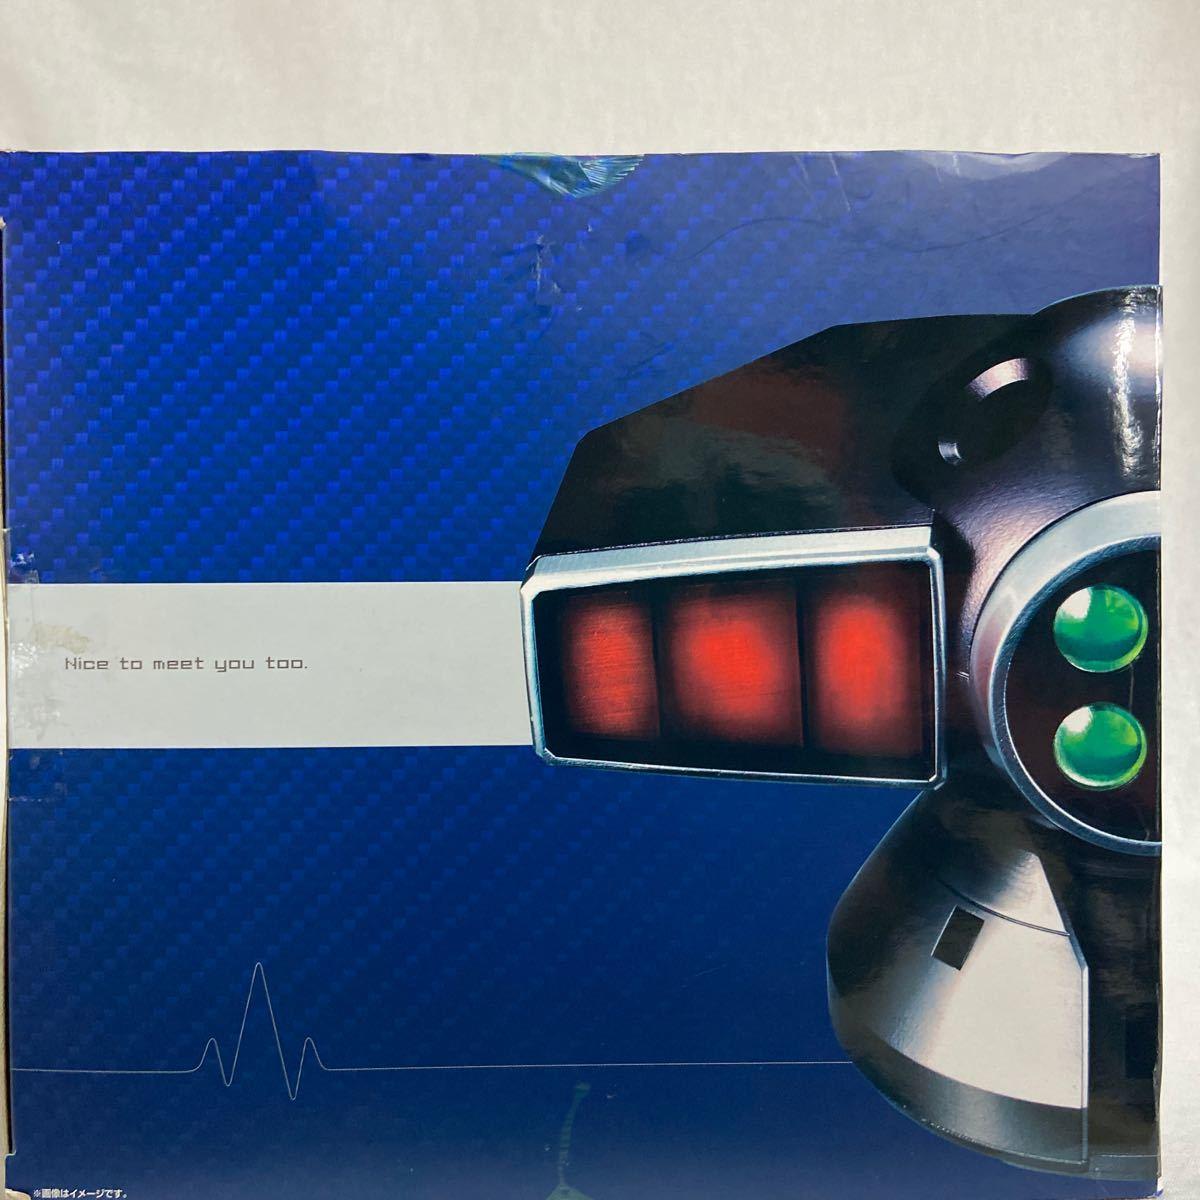 新世紀GPXサイバーフォーミュラ ナビゲーションシステム アスラーダ・ヘッド 限定 メガハウス サンライズ フィギュア CYBER FORMULA SUGO_画像2